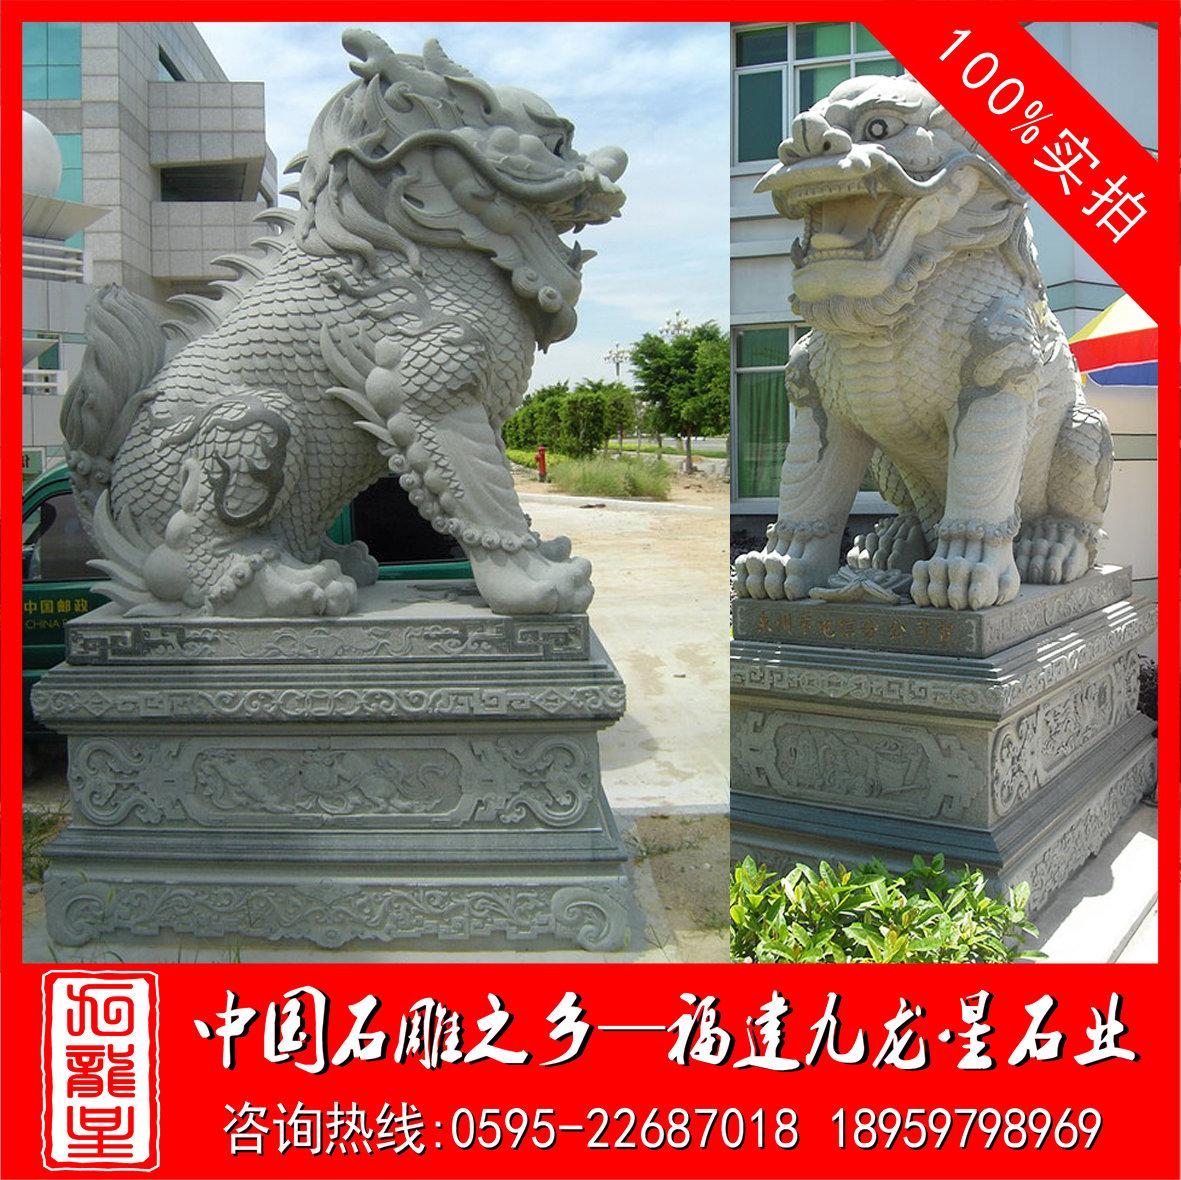 石雕麒麟汉白玉晚霞红雕刻麒麟招财瑞兽摆件动物